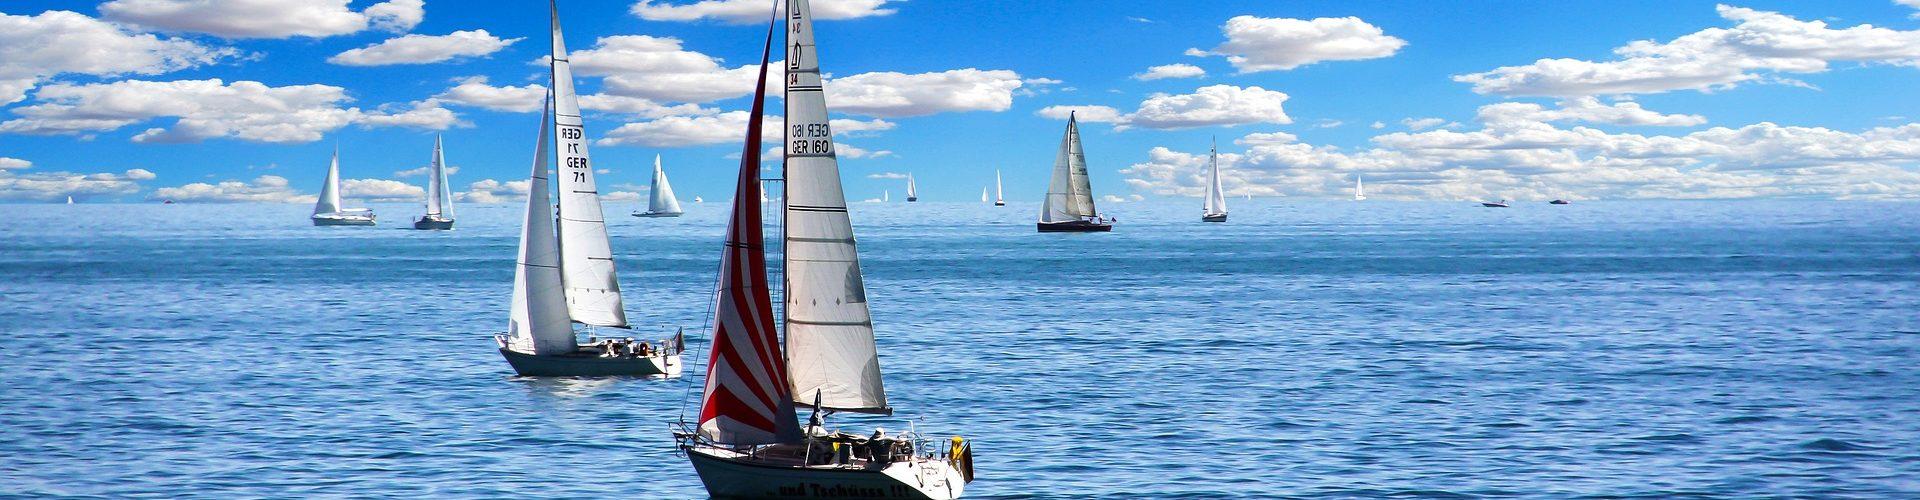 segeln lernen in Vallendar segelschein machen in Vallendar 1920x500 - Segeln lernen in Vallendar